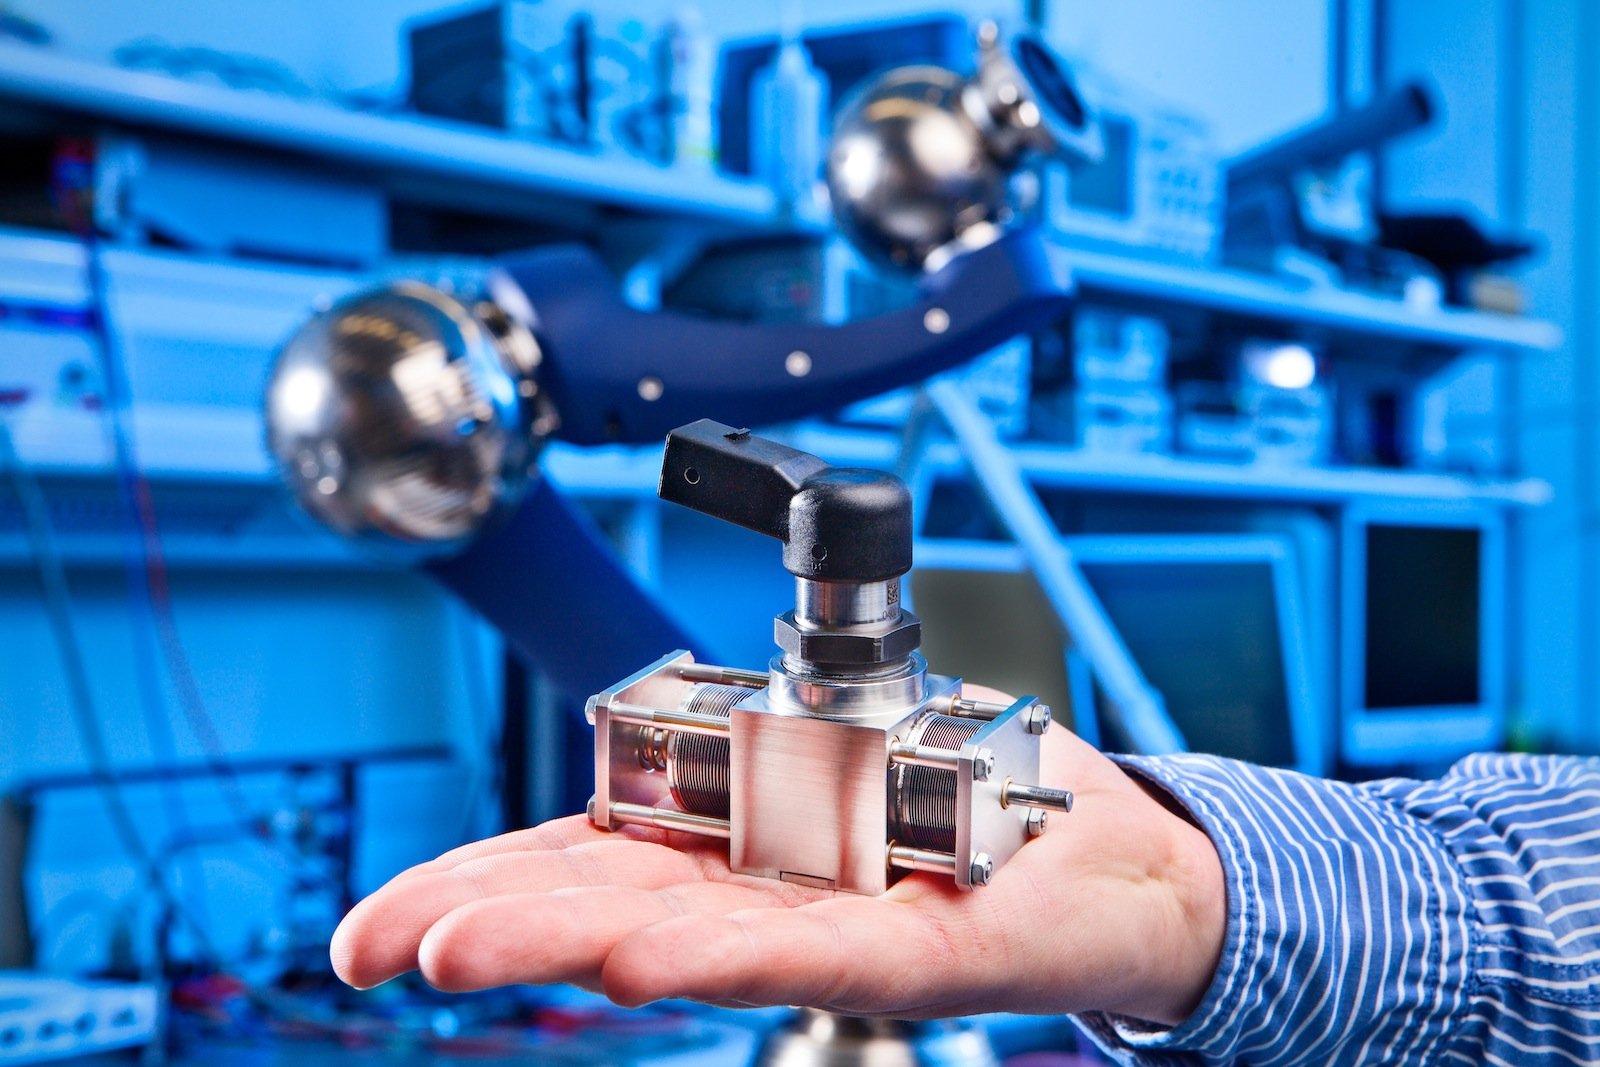 Siemens-Forscher haben einen sehr kleinen und trotzdem sehr kraftvollen Piezohydraulik-Aktor entwickelt. Er kann mehr als 150 Newton Kraft ausüben und damit Ventile und Klappen bewegen. Ideal einsetzbar ist der Aktor auch in der Robotik.